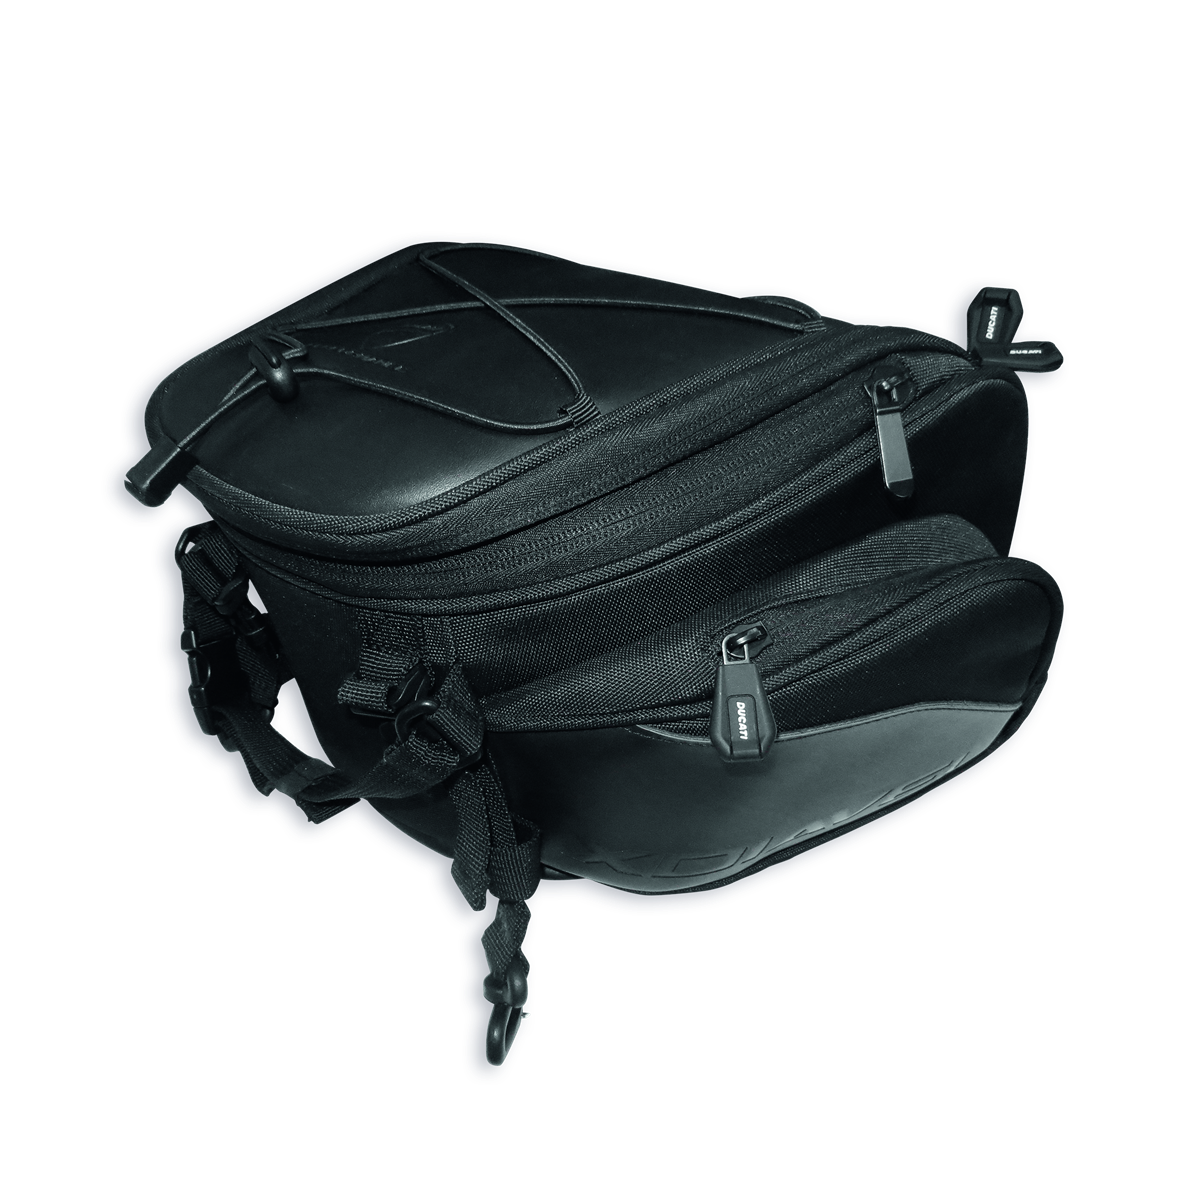 Diavel 1260 Rear bag